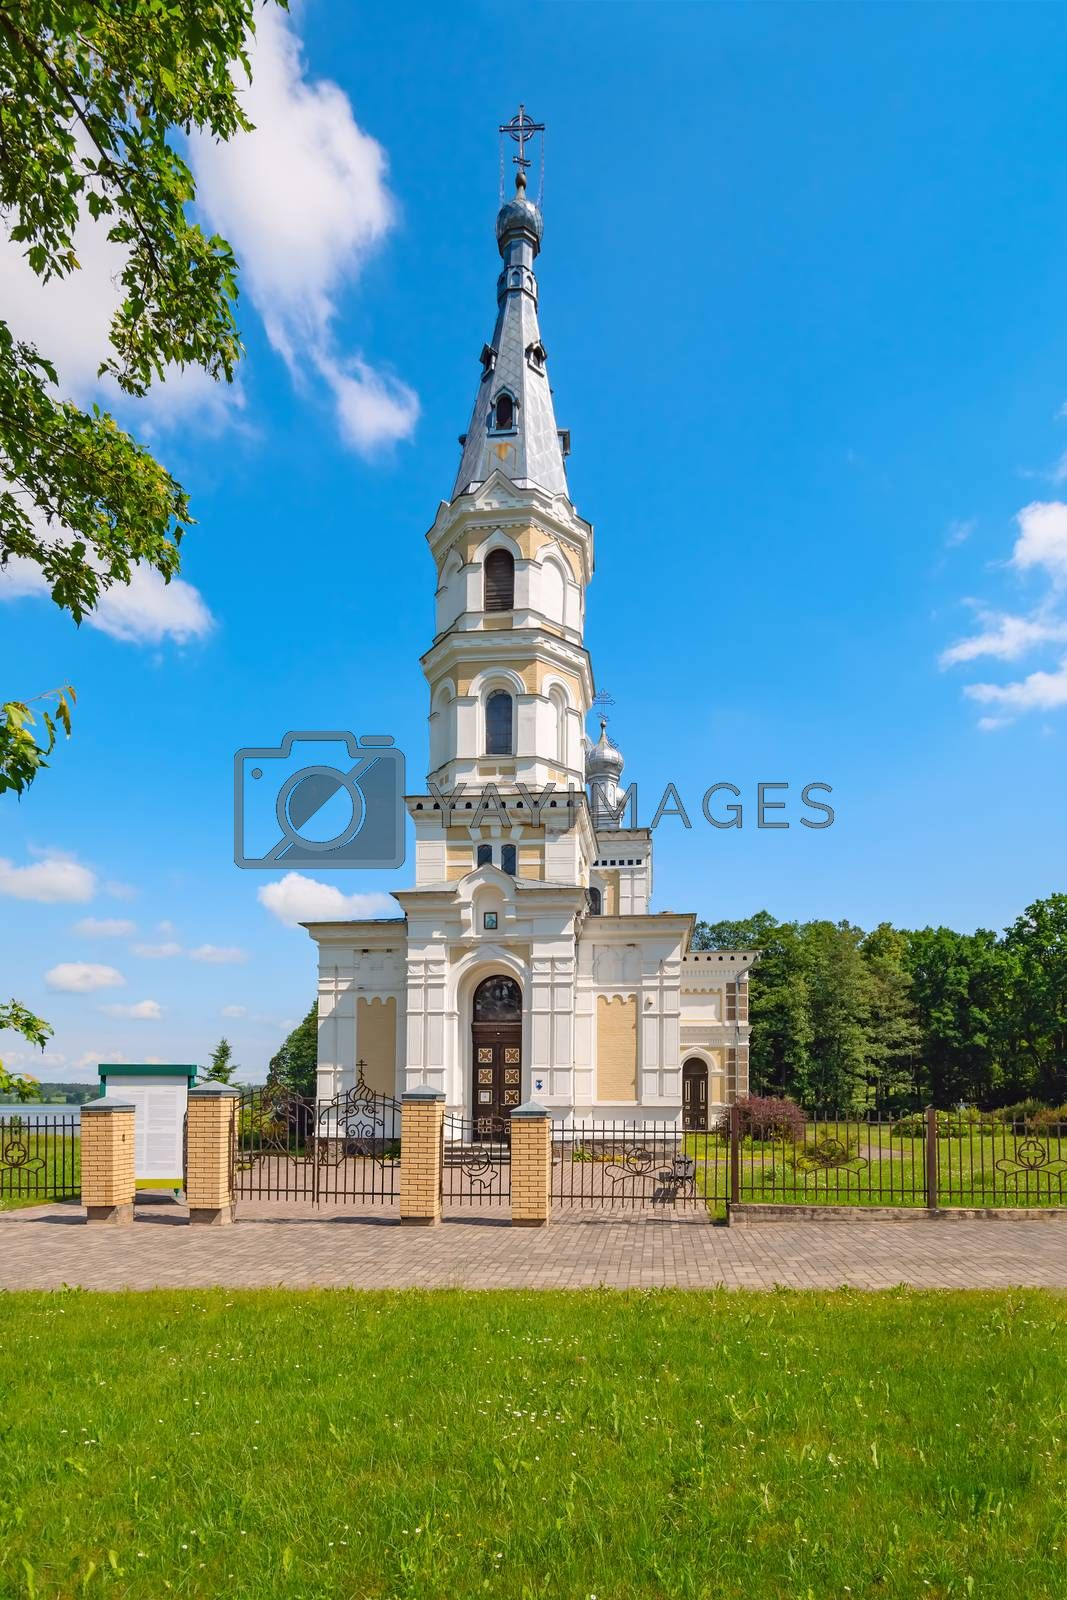 The Orthodox Church of Alexander Nevsky in Stameriena, Latvia